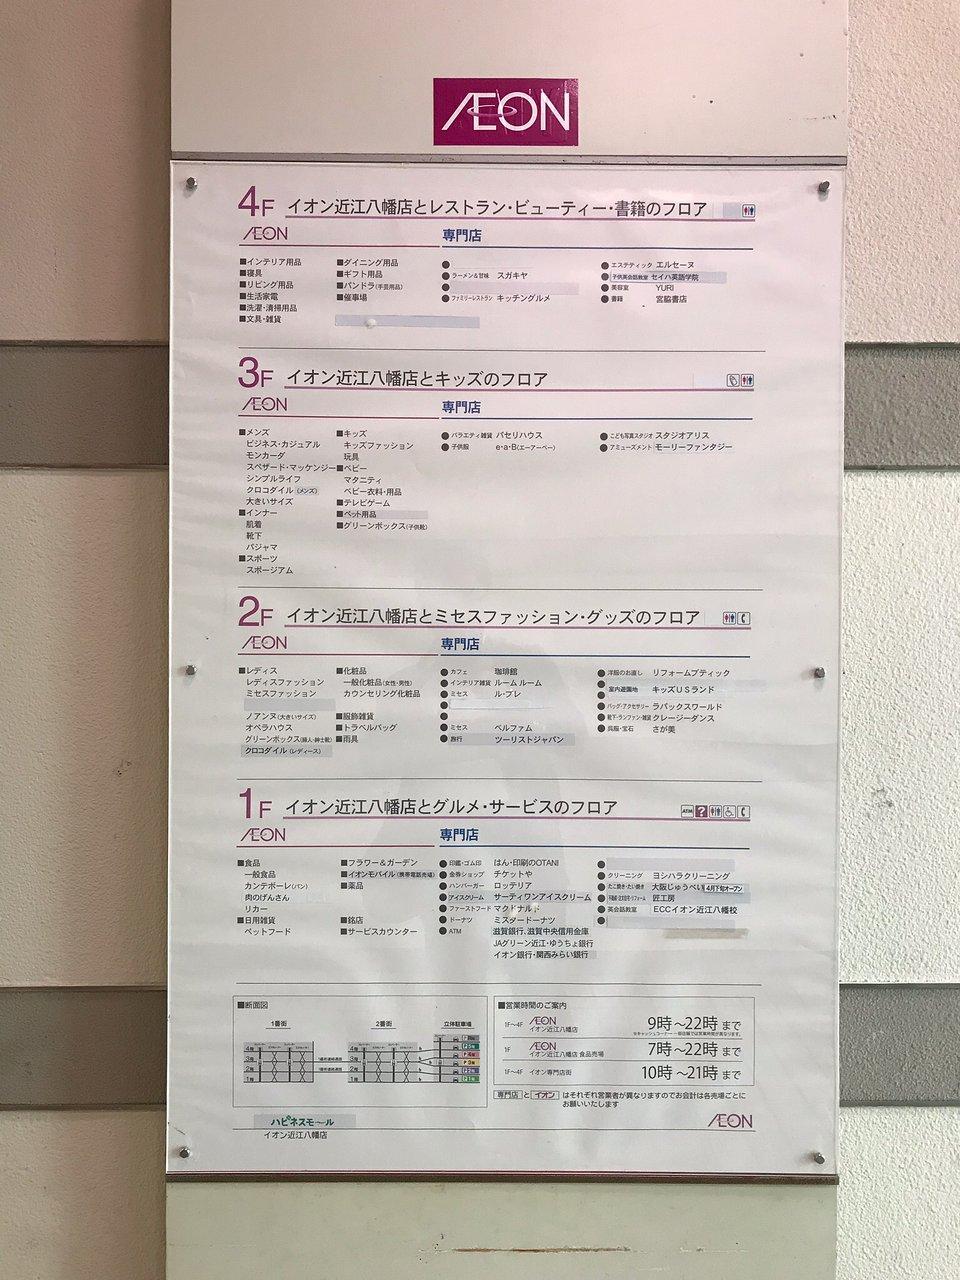 シネマ 近江 八幡 イオン